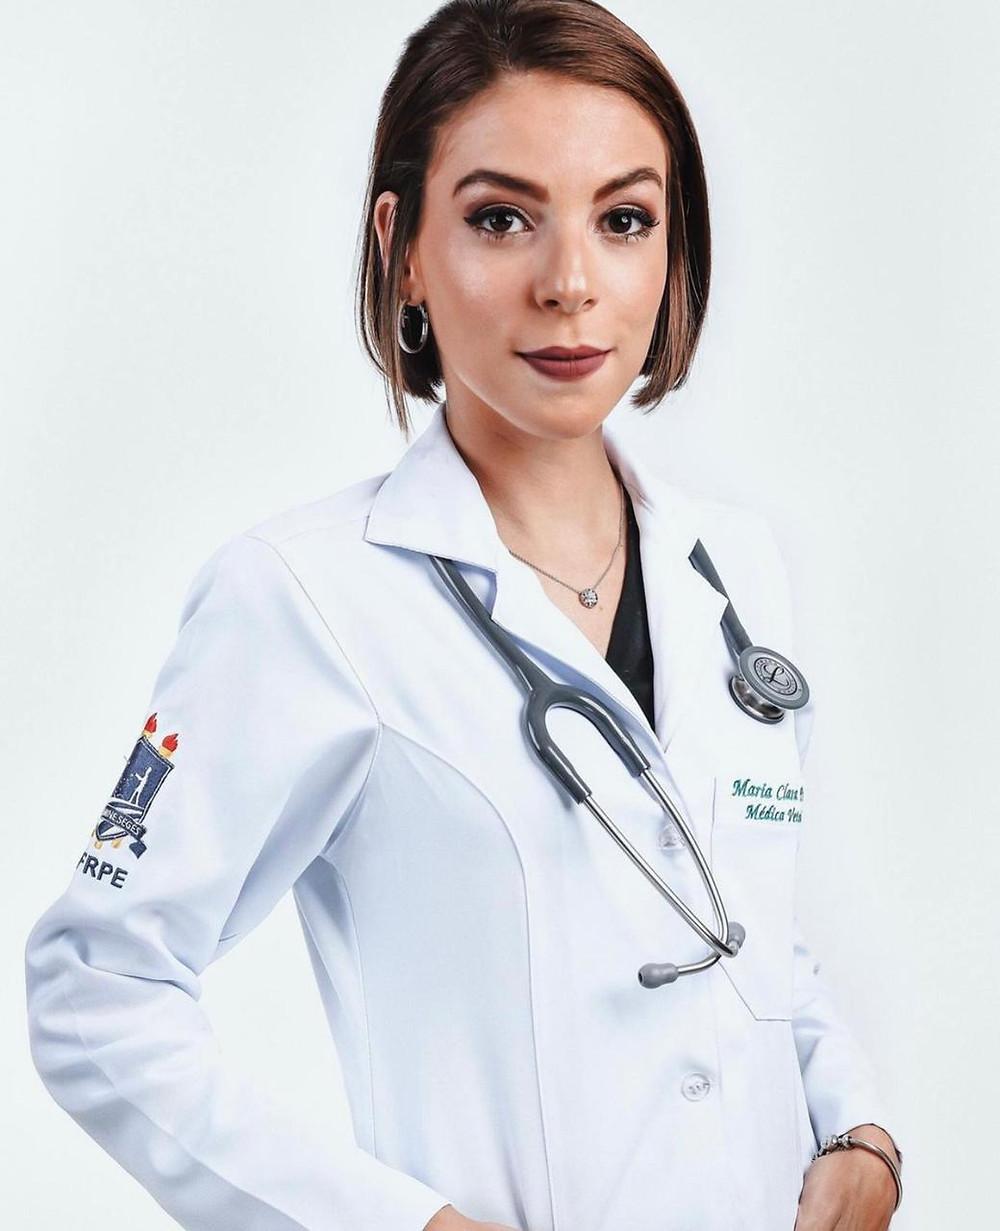 A médica veterinária Maria Clara Paranhos, 23 anos feitos em janeiro, está realizada.